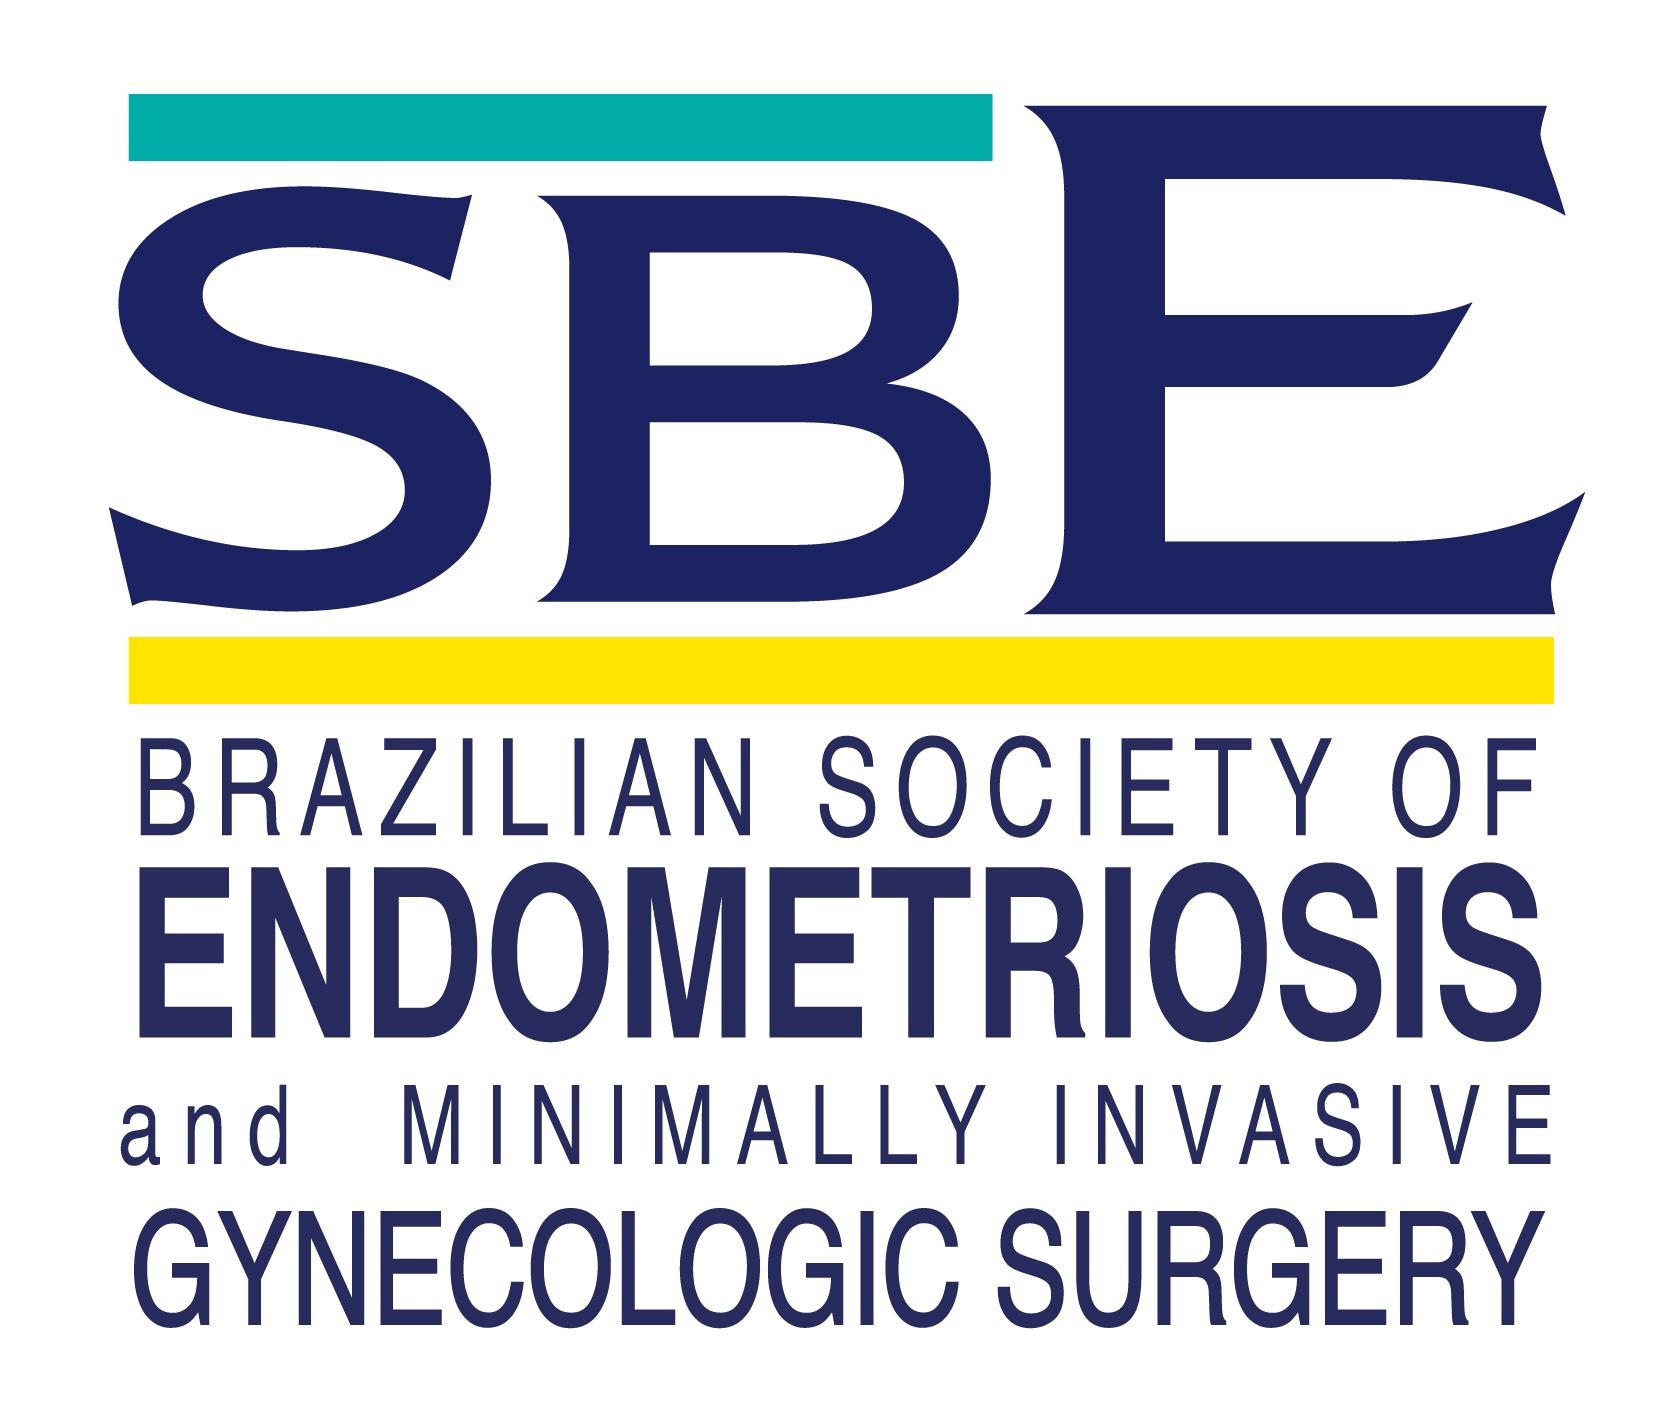 SBE - Associação Brasileira de Endometriose e Ginecologia Minimamente Invasiva